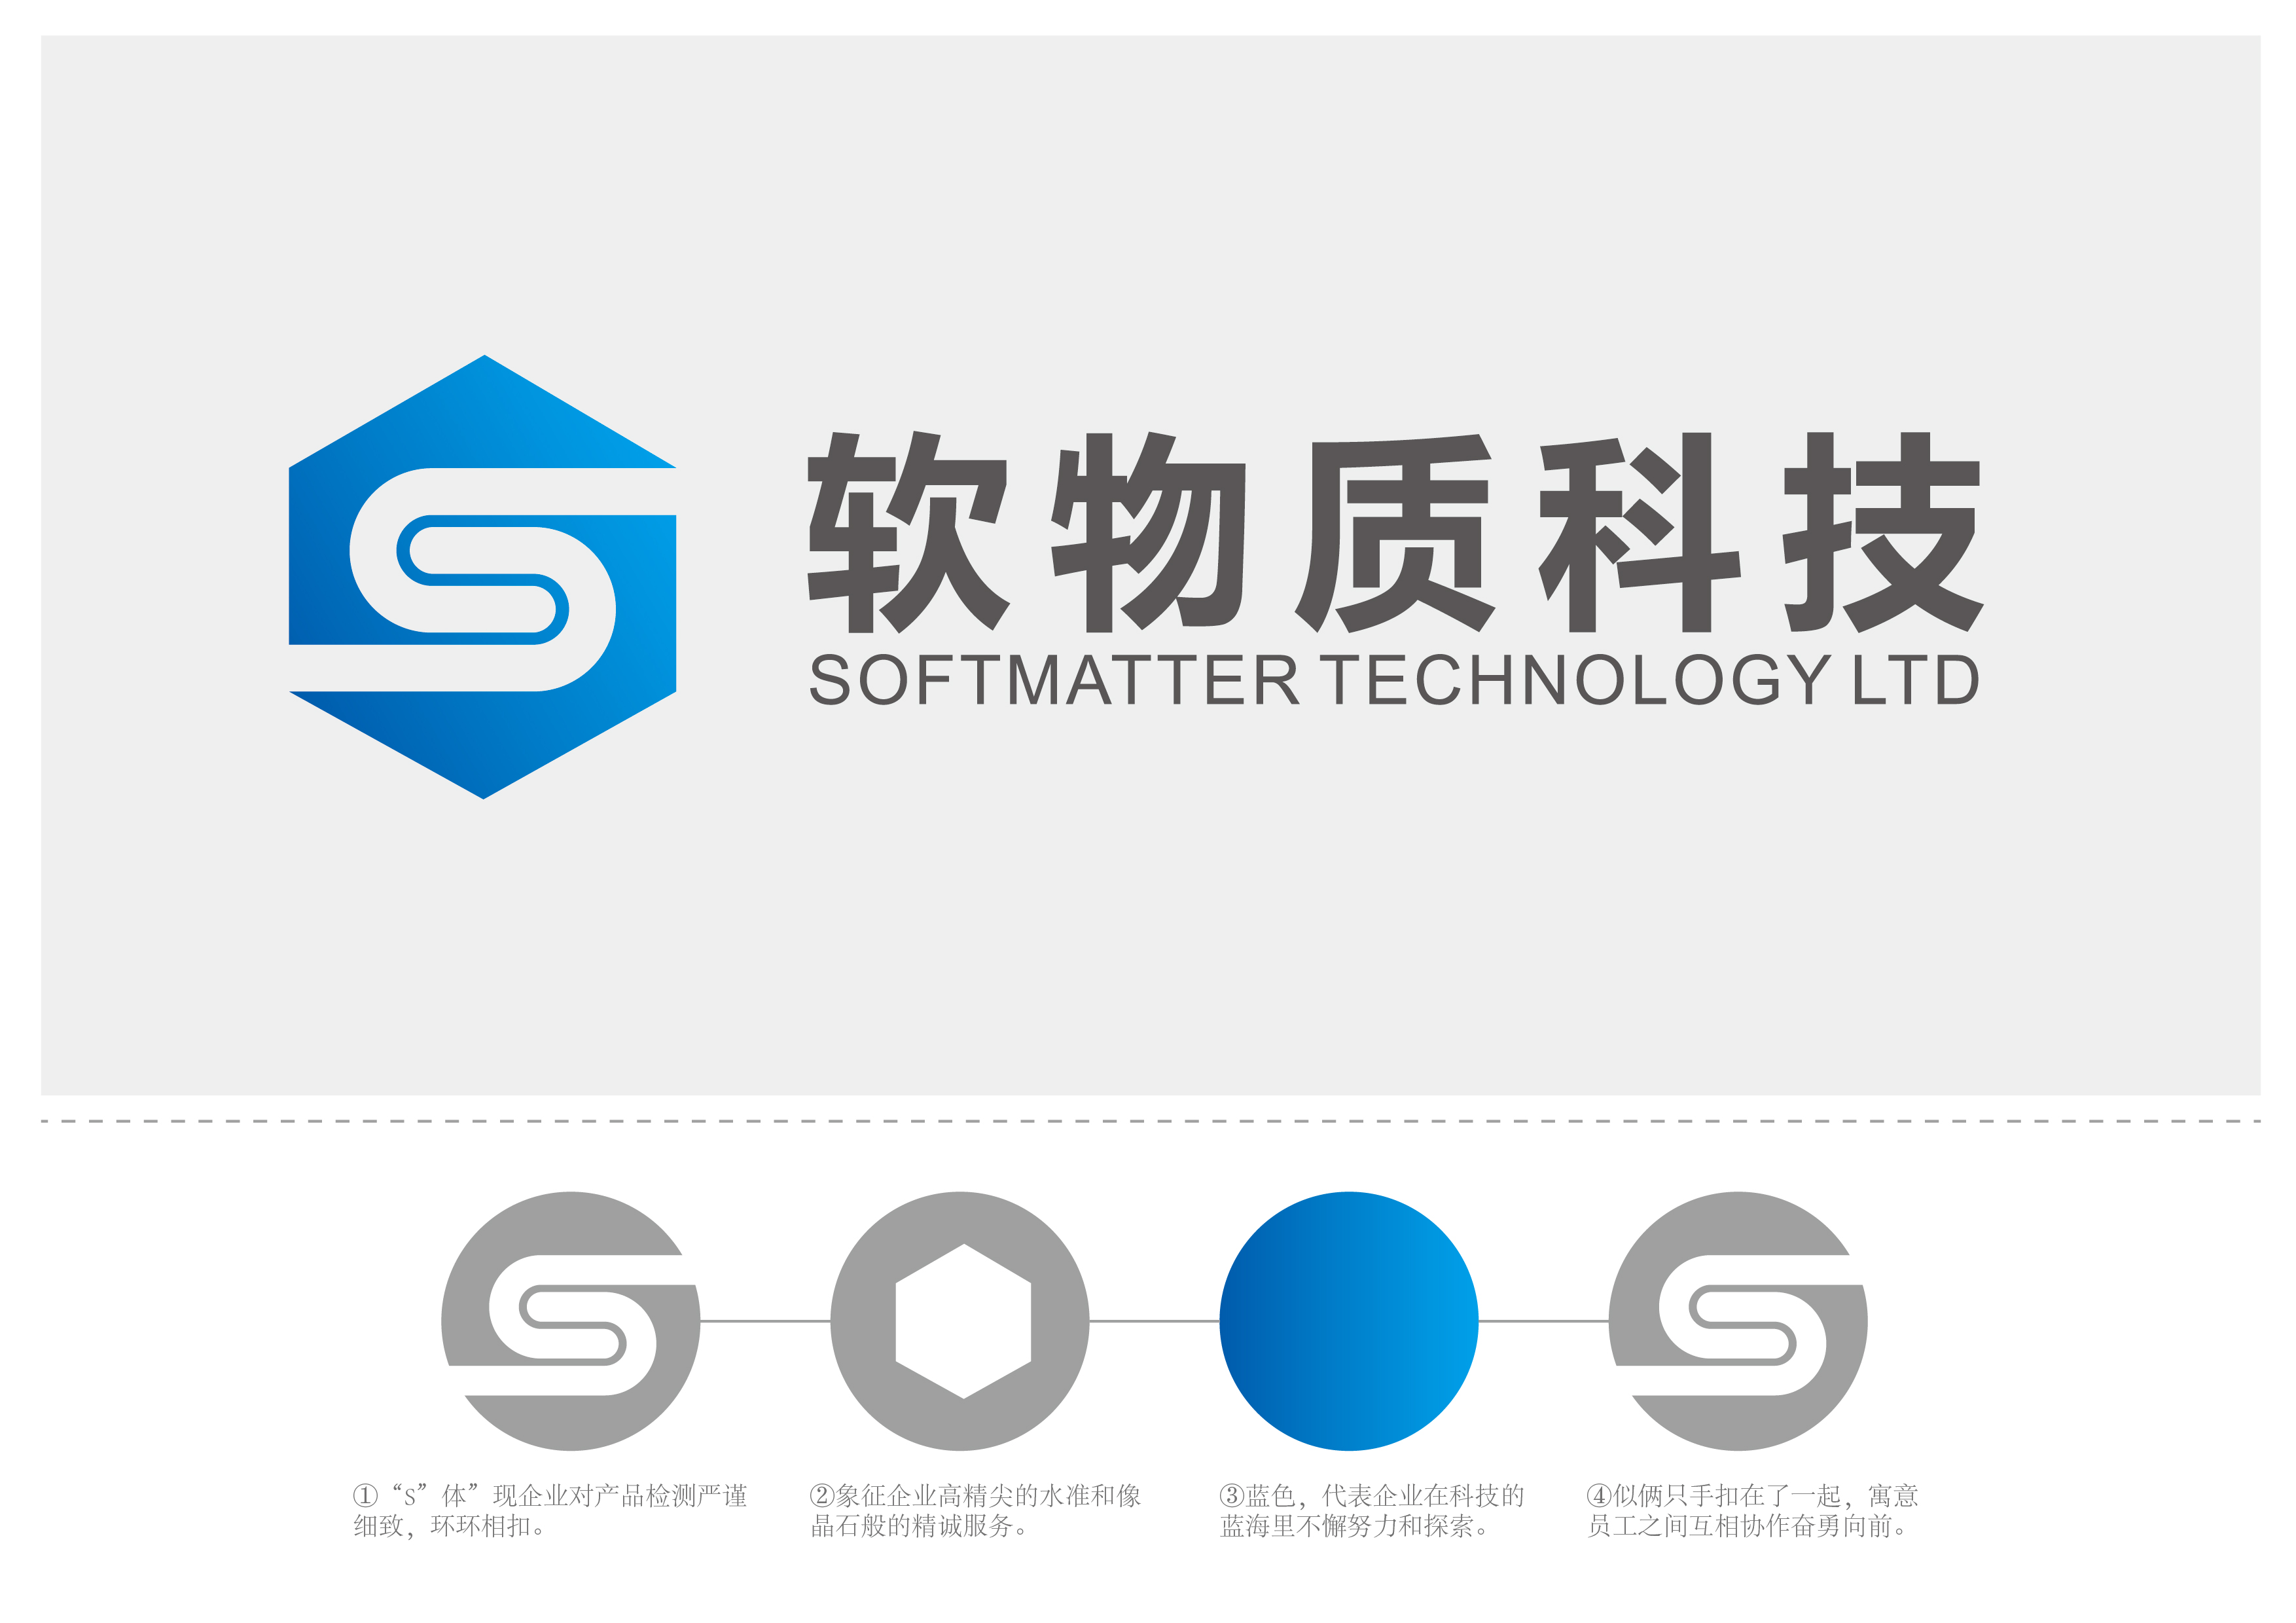 网站LOGO一般用什么软件设计